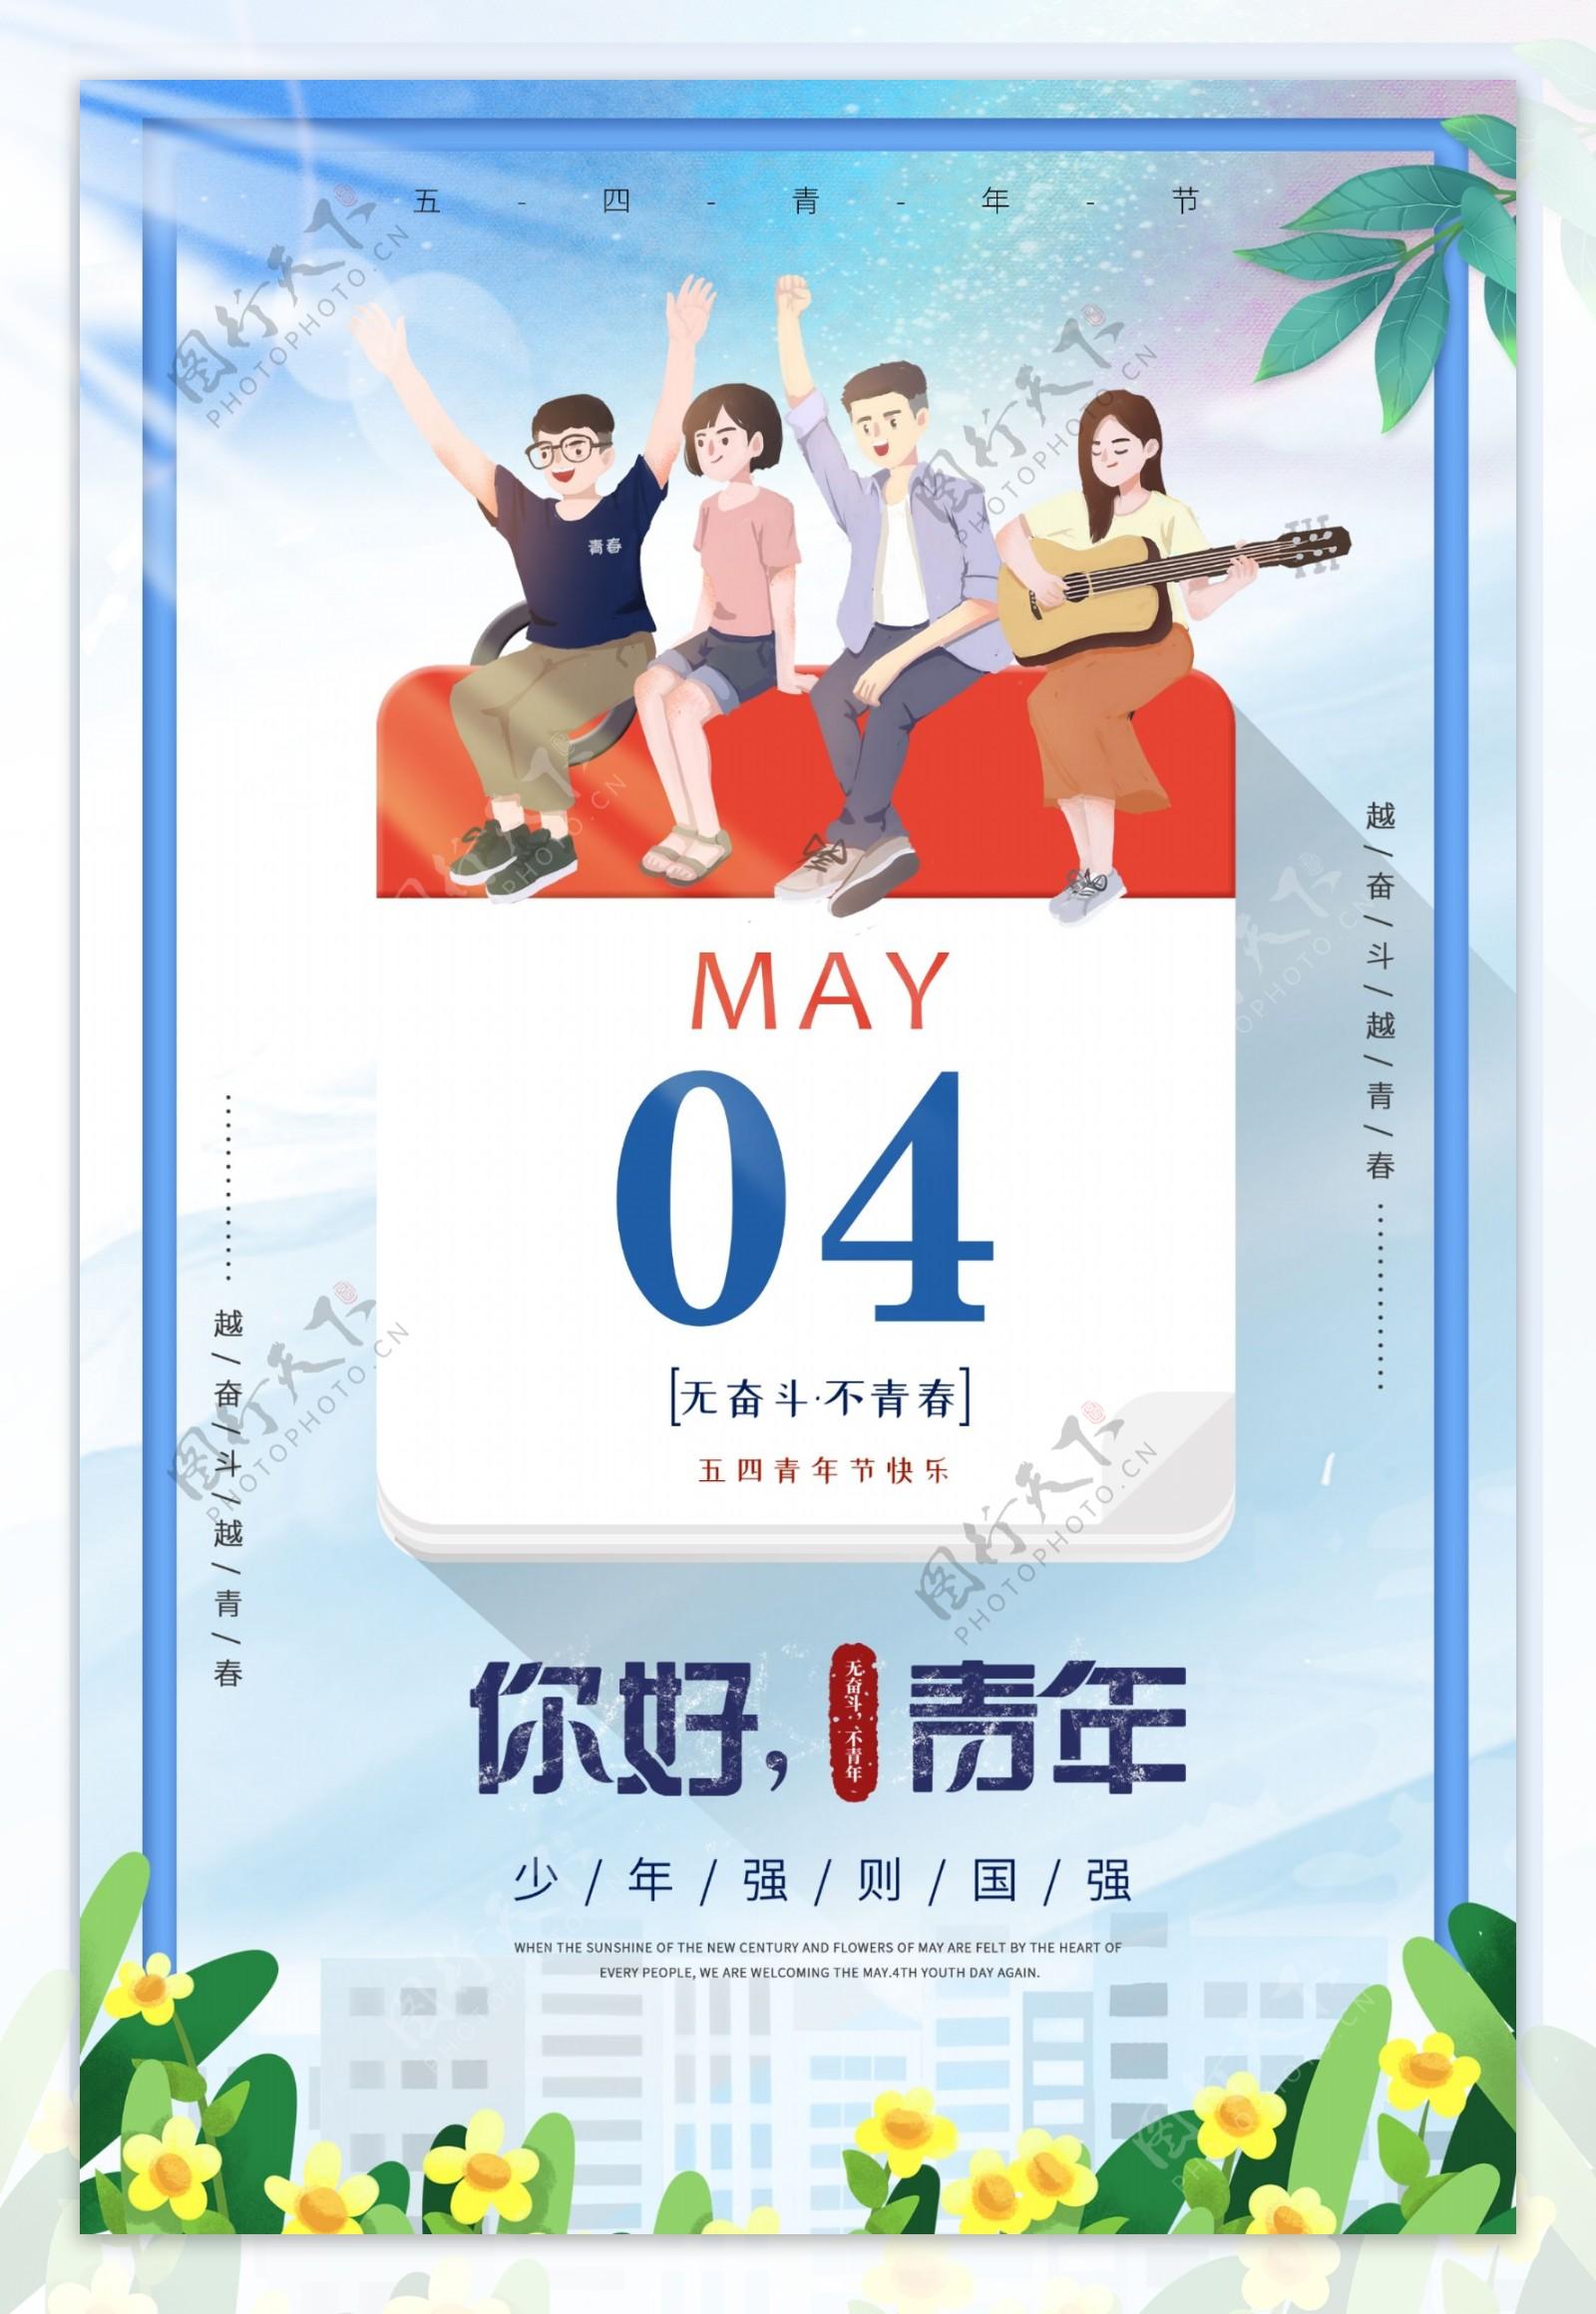 54青年节